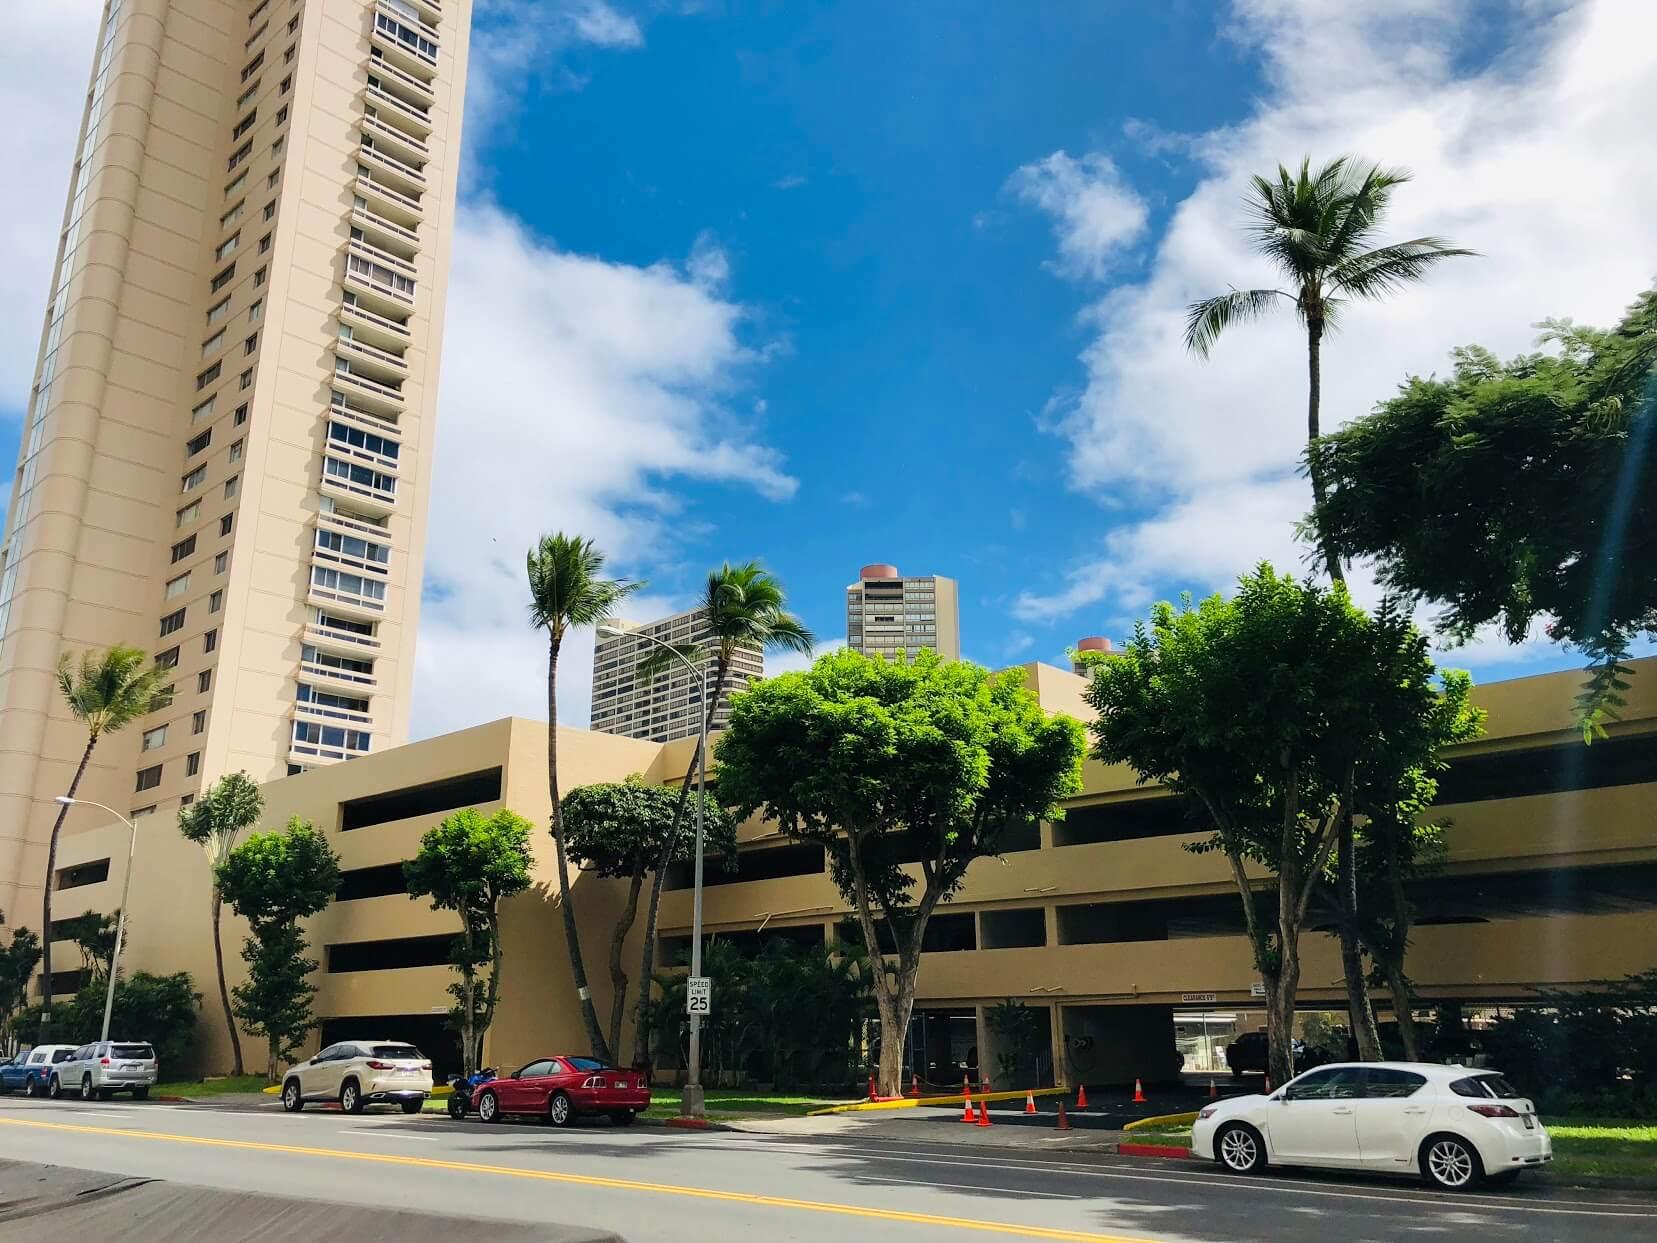 Ala Wai Sky Riseの駐車場